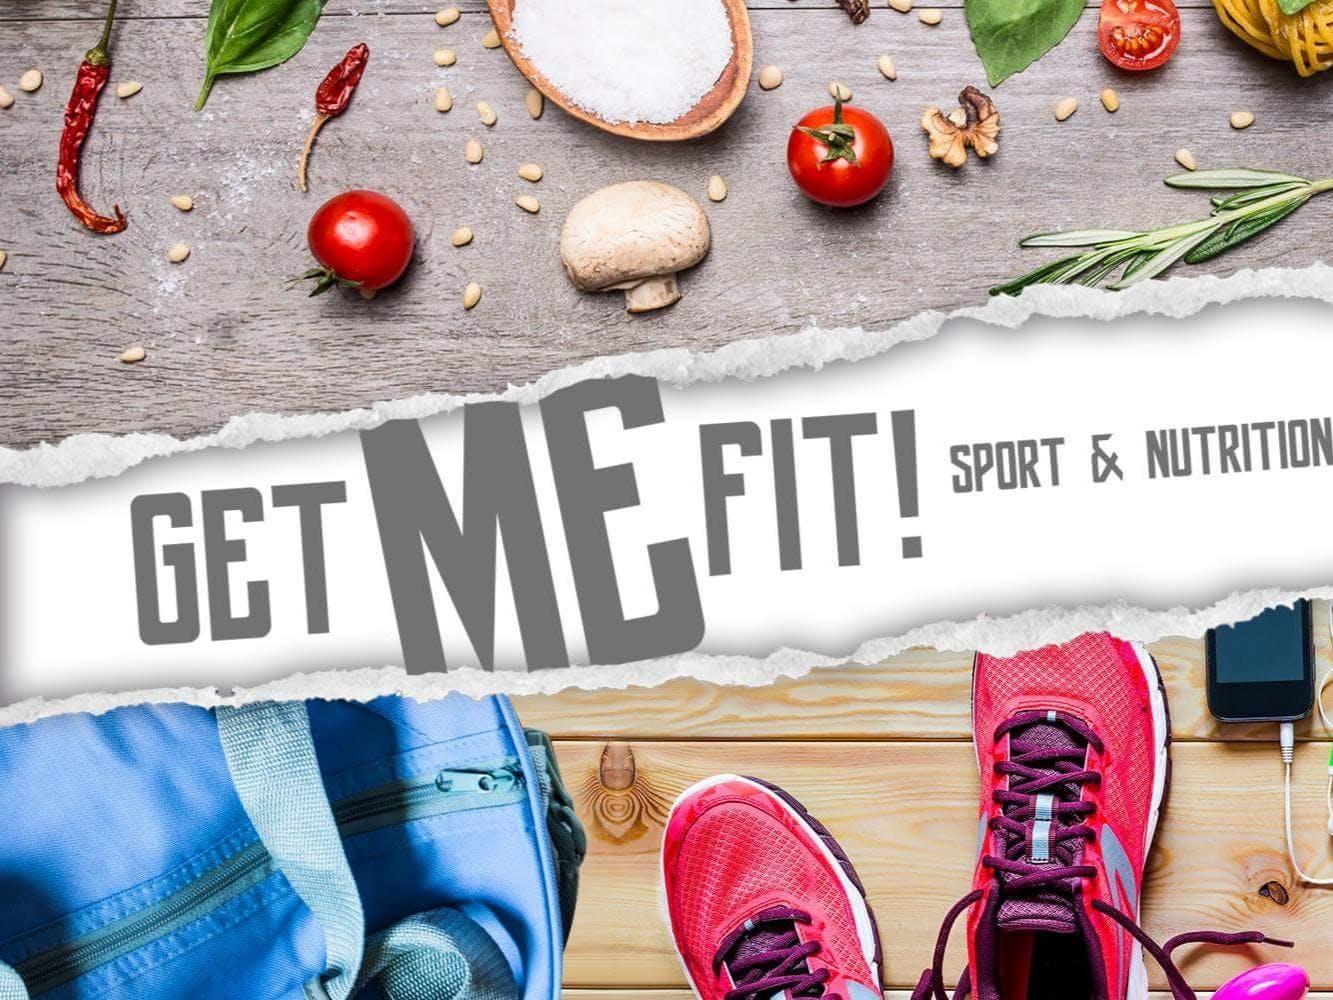 Workshop: Sport Nutrition - Food for Best Res